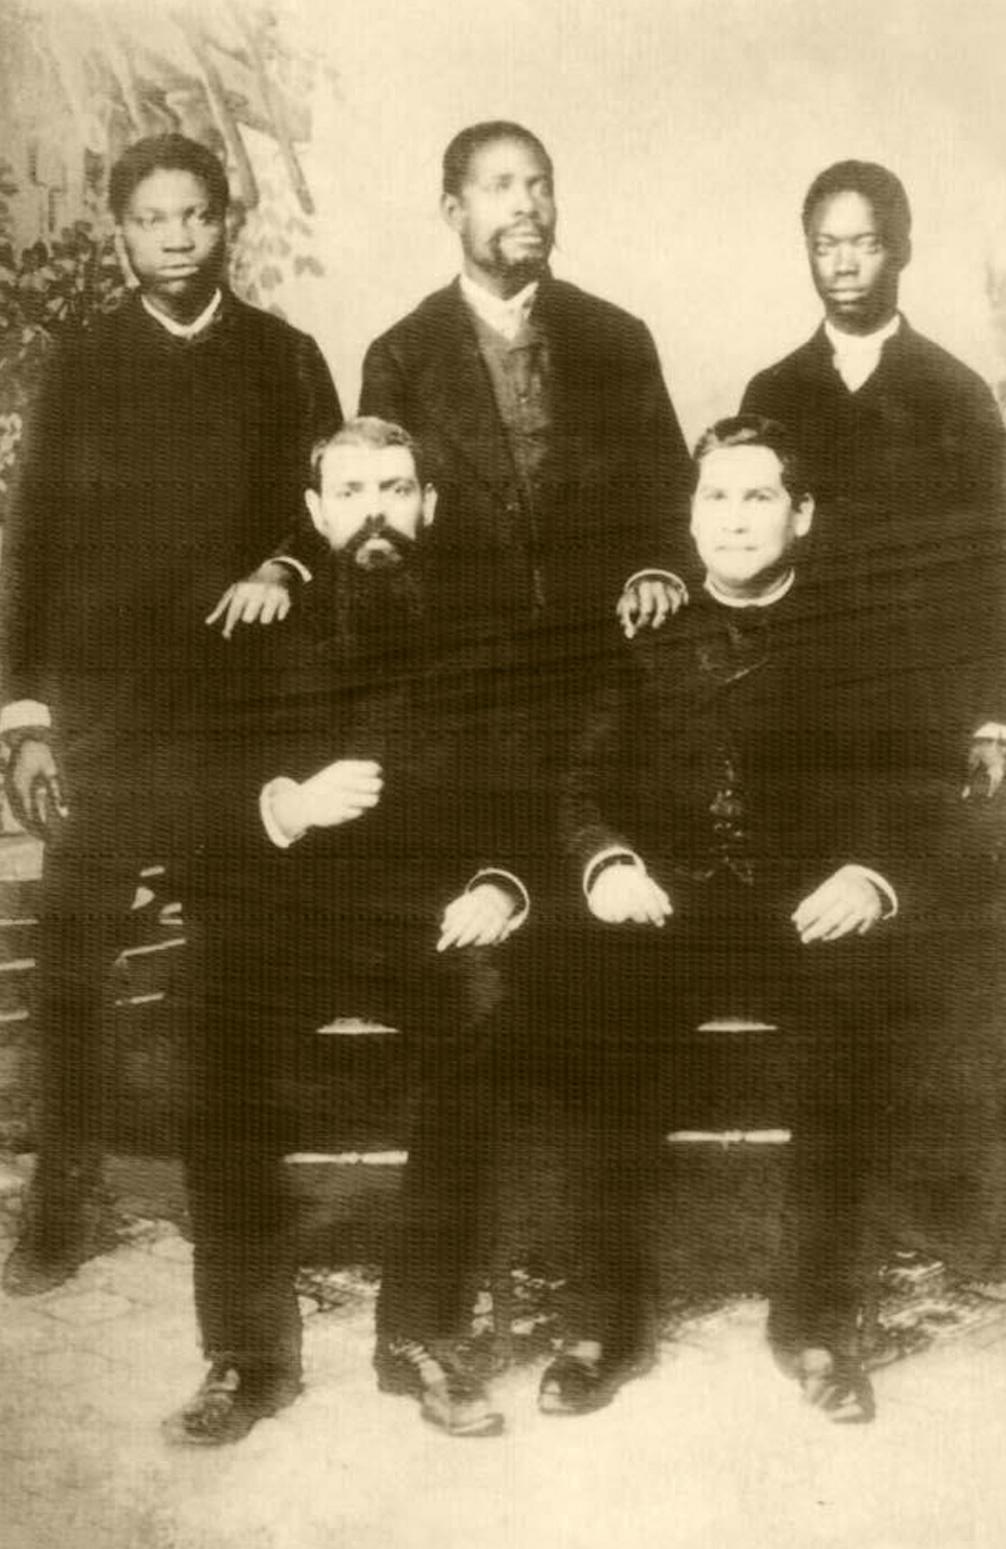 Os Padres António Barroso e Sebastião Pereira, em 1881, ano da fundação da Missão de São Salvador do Congo, com dois filhos e um sobrinho do rei local.